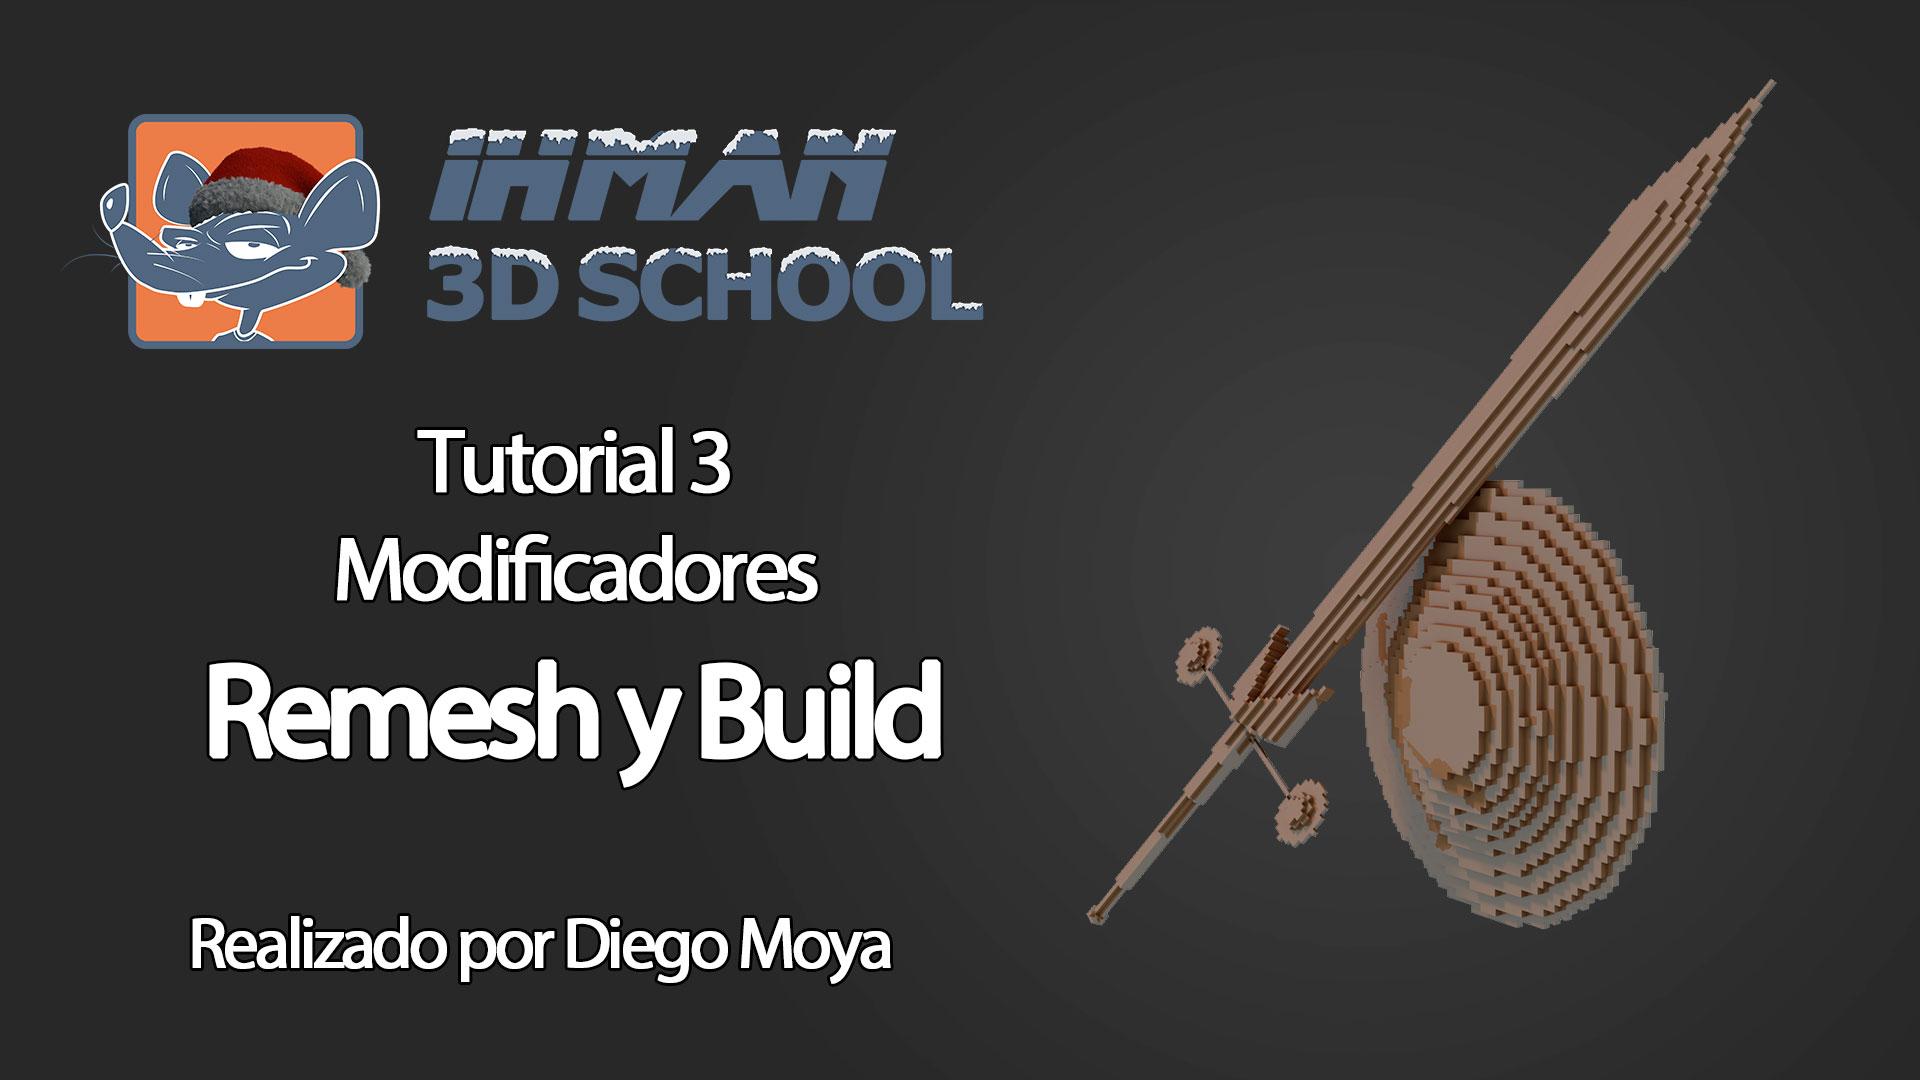 Presentación ihman 3d school-cabecera_remesh_build.jpg